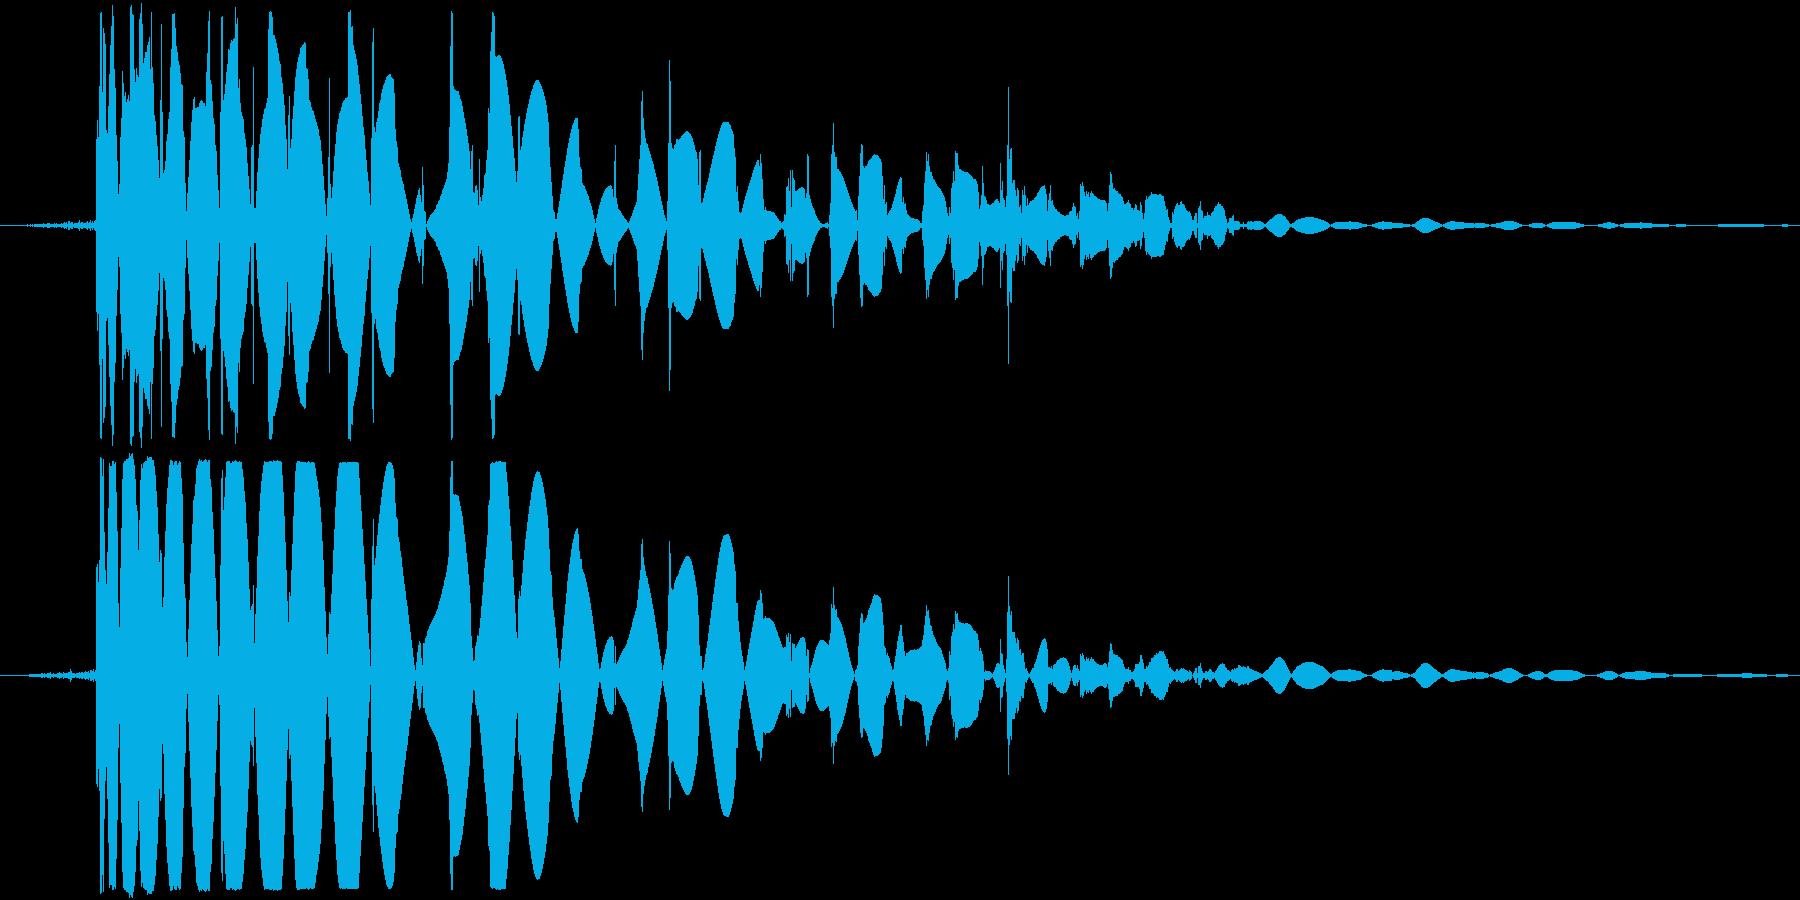 ドゴッ!という打撃音ですの再生済みの波形